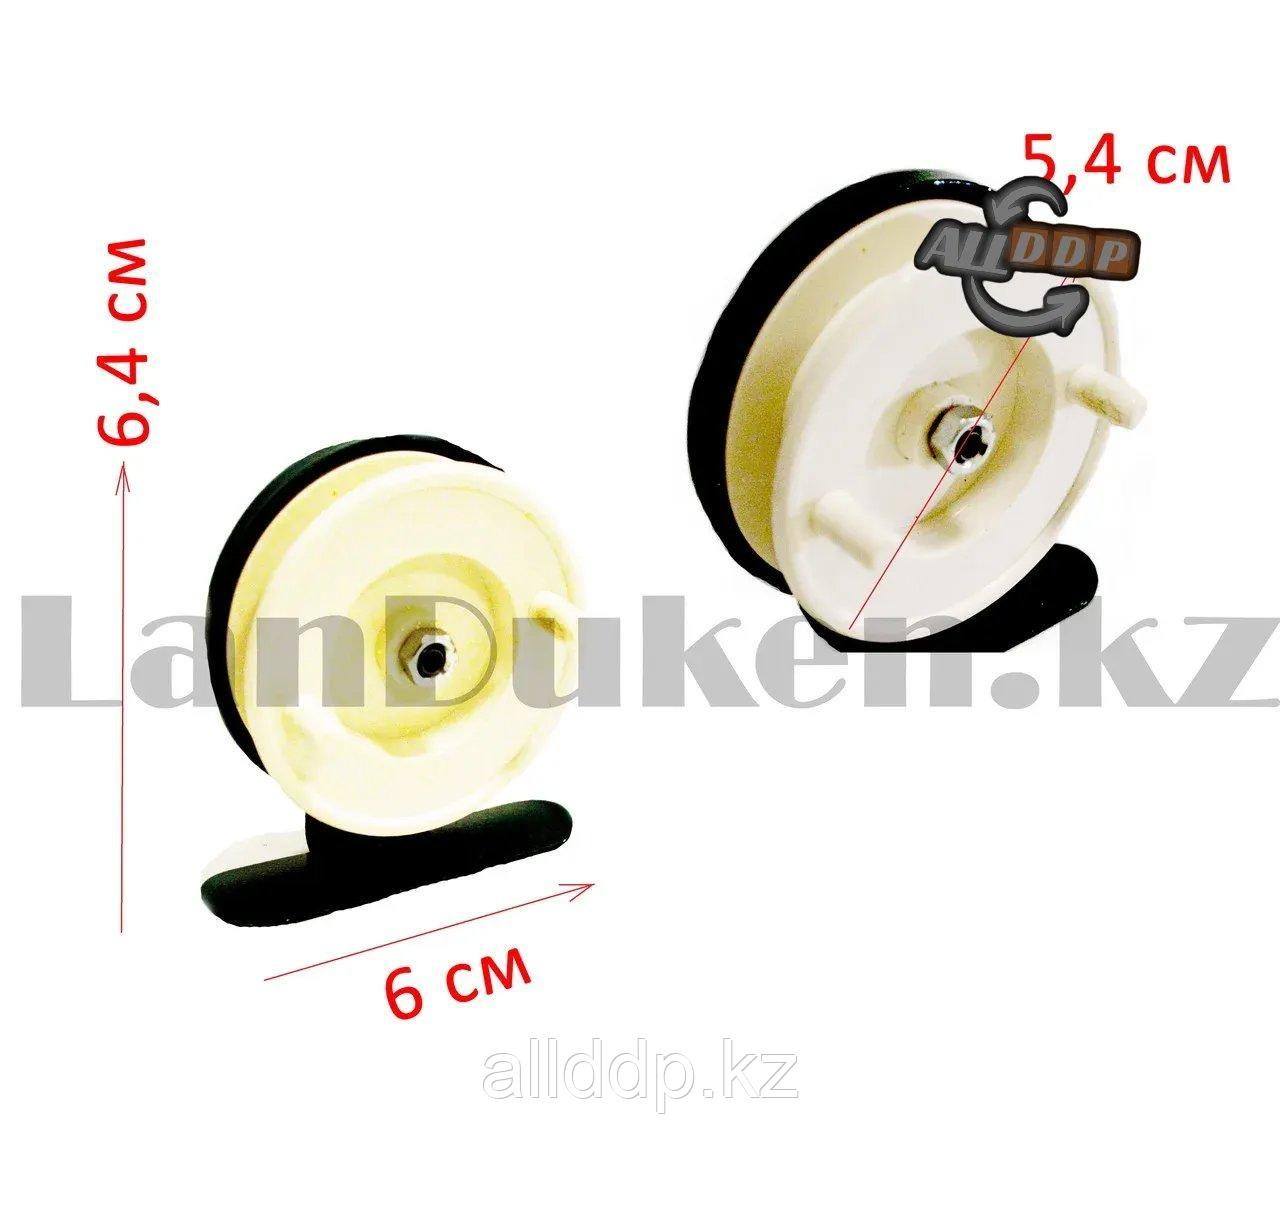 Инерционная катушка для удочки металлическая - фото 3